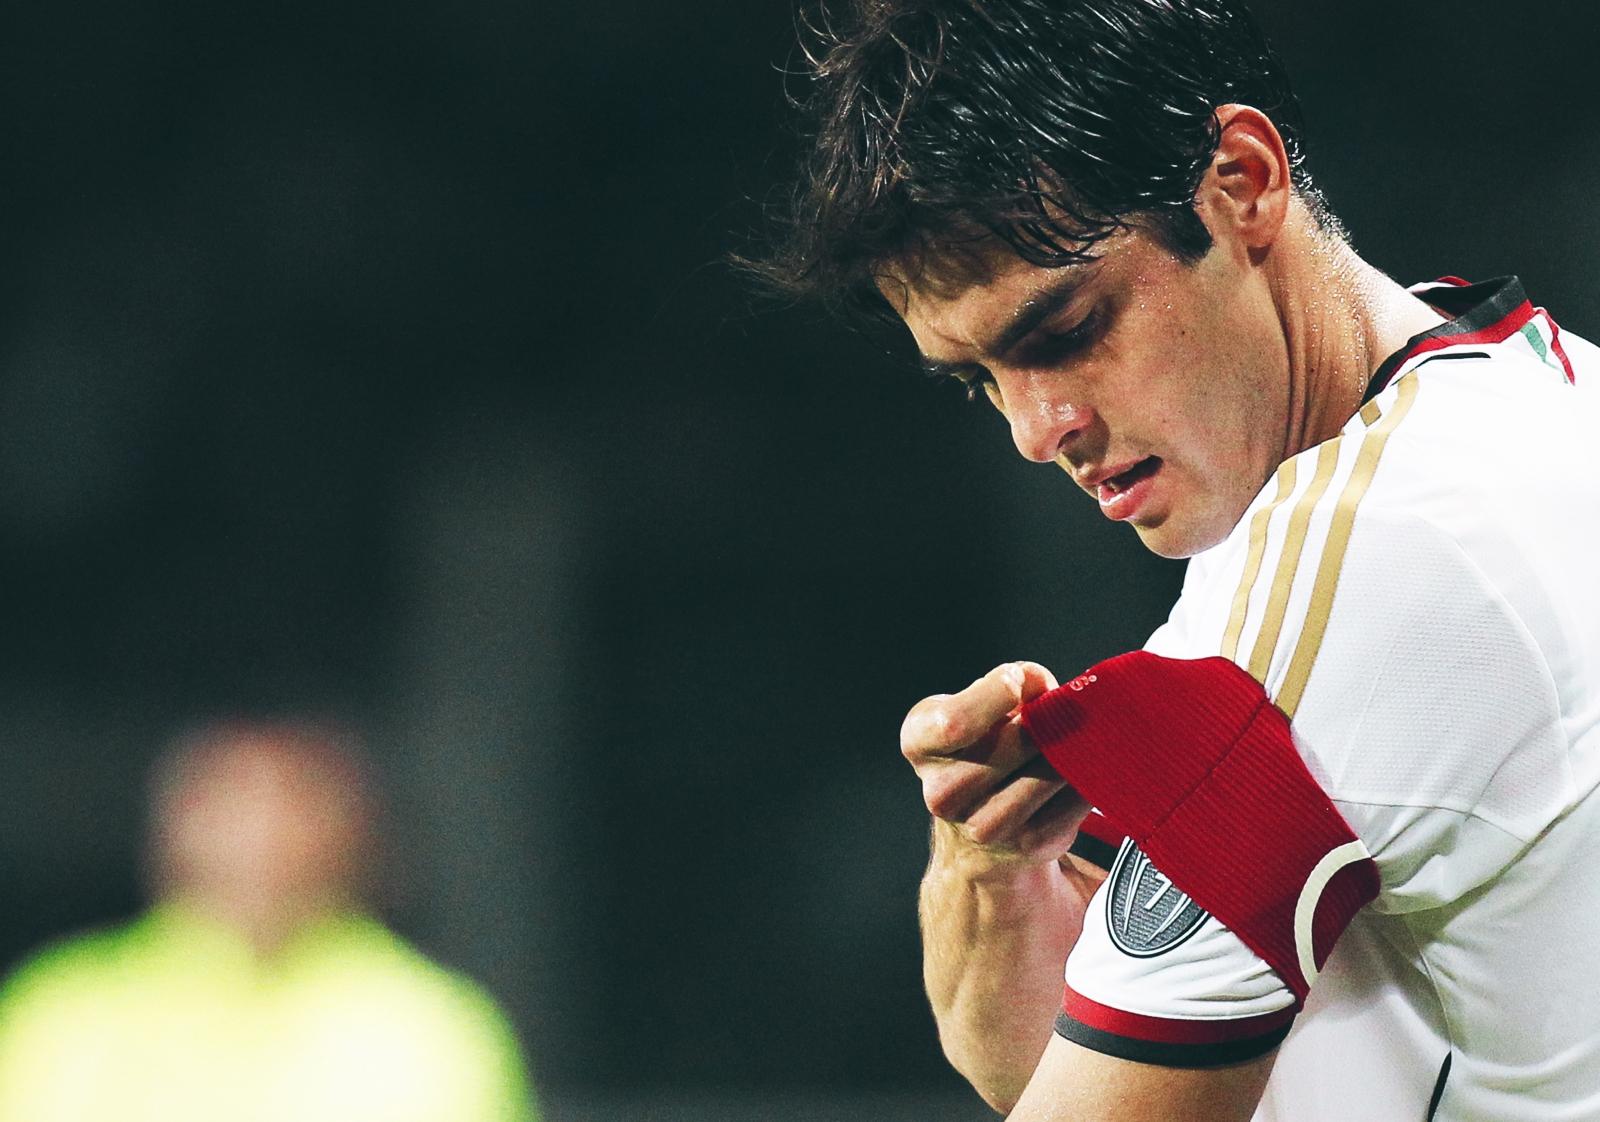 Kaká  a footballer of rare substance a4ebdc5e27b2c